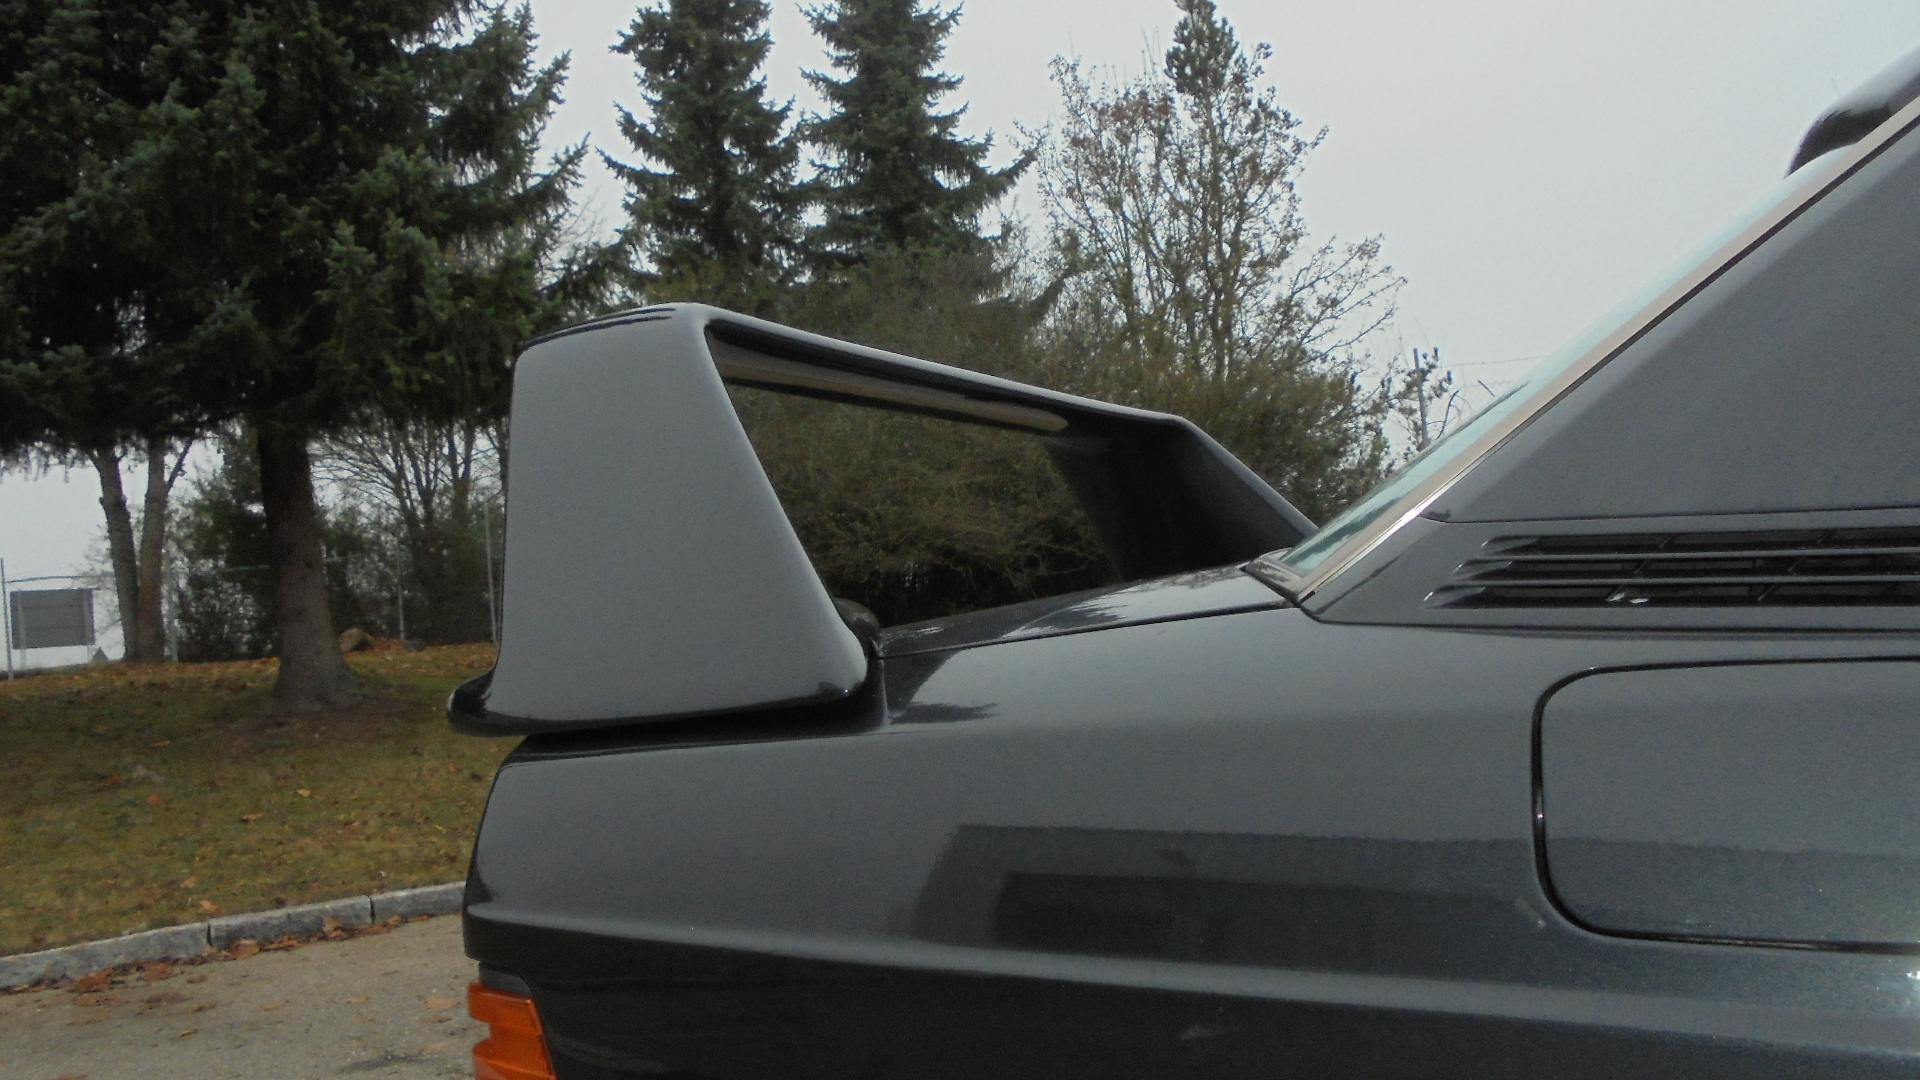 190er W201 EVO II, Ersatzteile, Bodykit, Bausatz, Sport Auspuff, Krümmer, Resteration, Restaurierung, Goeckel